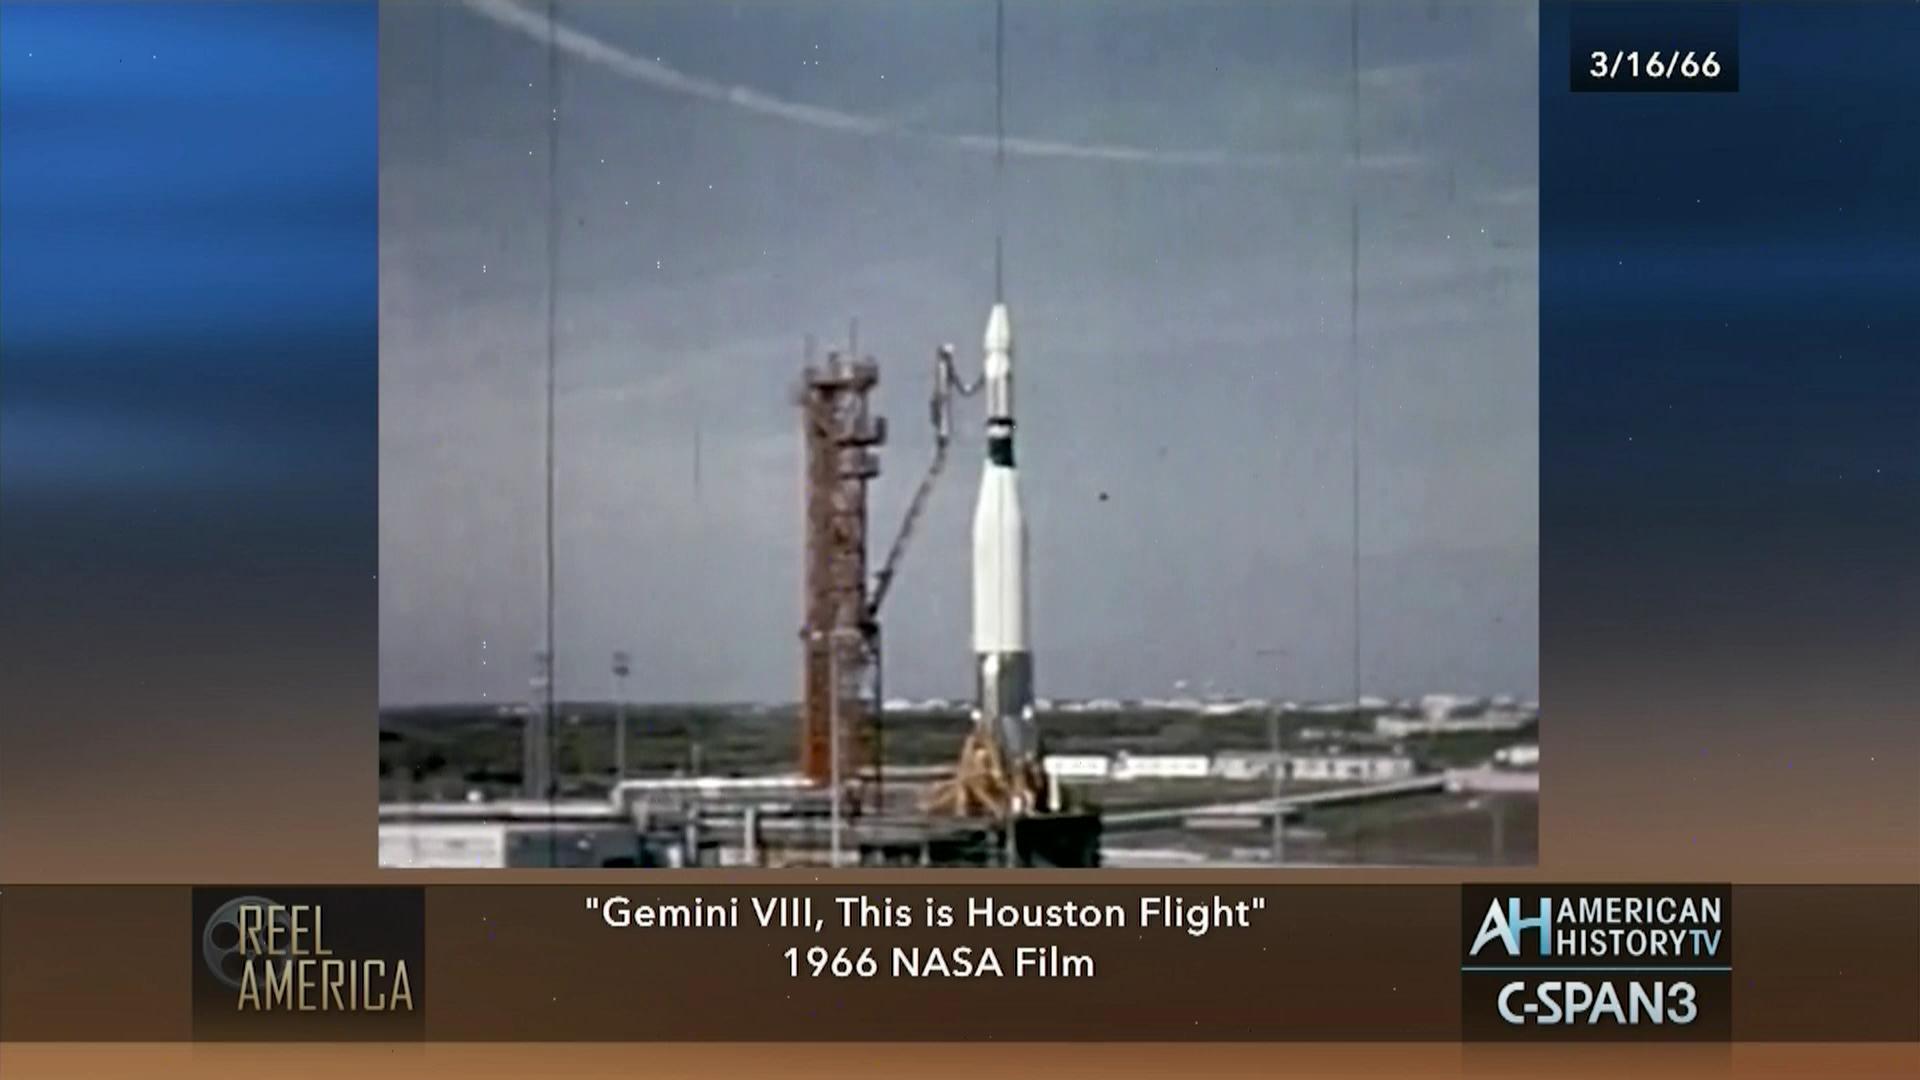 dcc5eb37c7  Gemini VIII